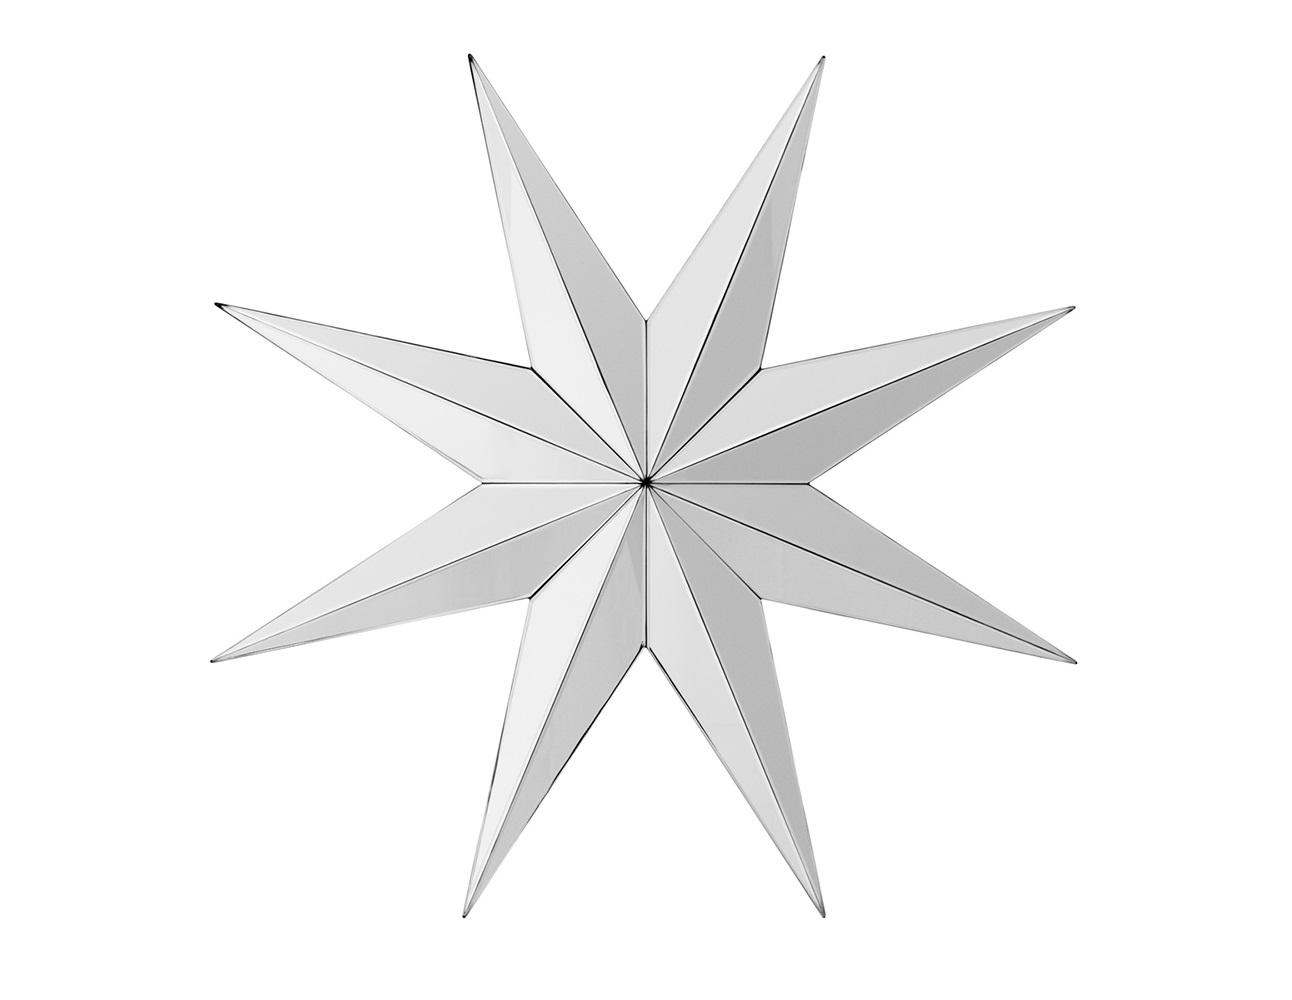 ЗеркалоНастенные зеркала<br>Зеркало Mirror Prisma с оригинальным дизайном в виде звезды из зеркальных граней.<br><br>Material: Стекло<br>Diameter см: 97,5